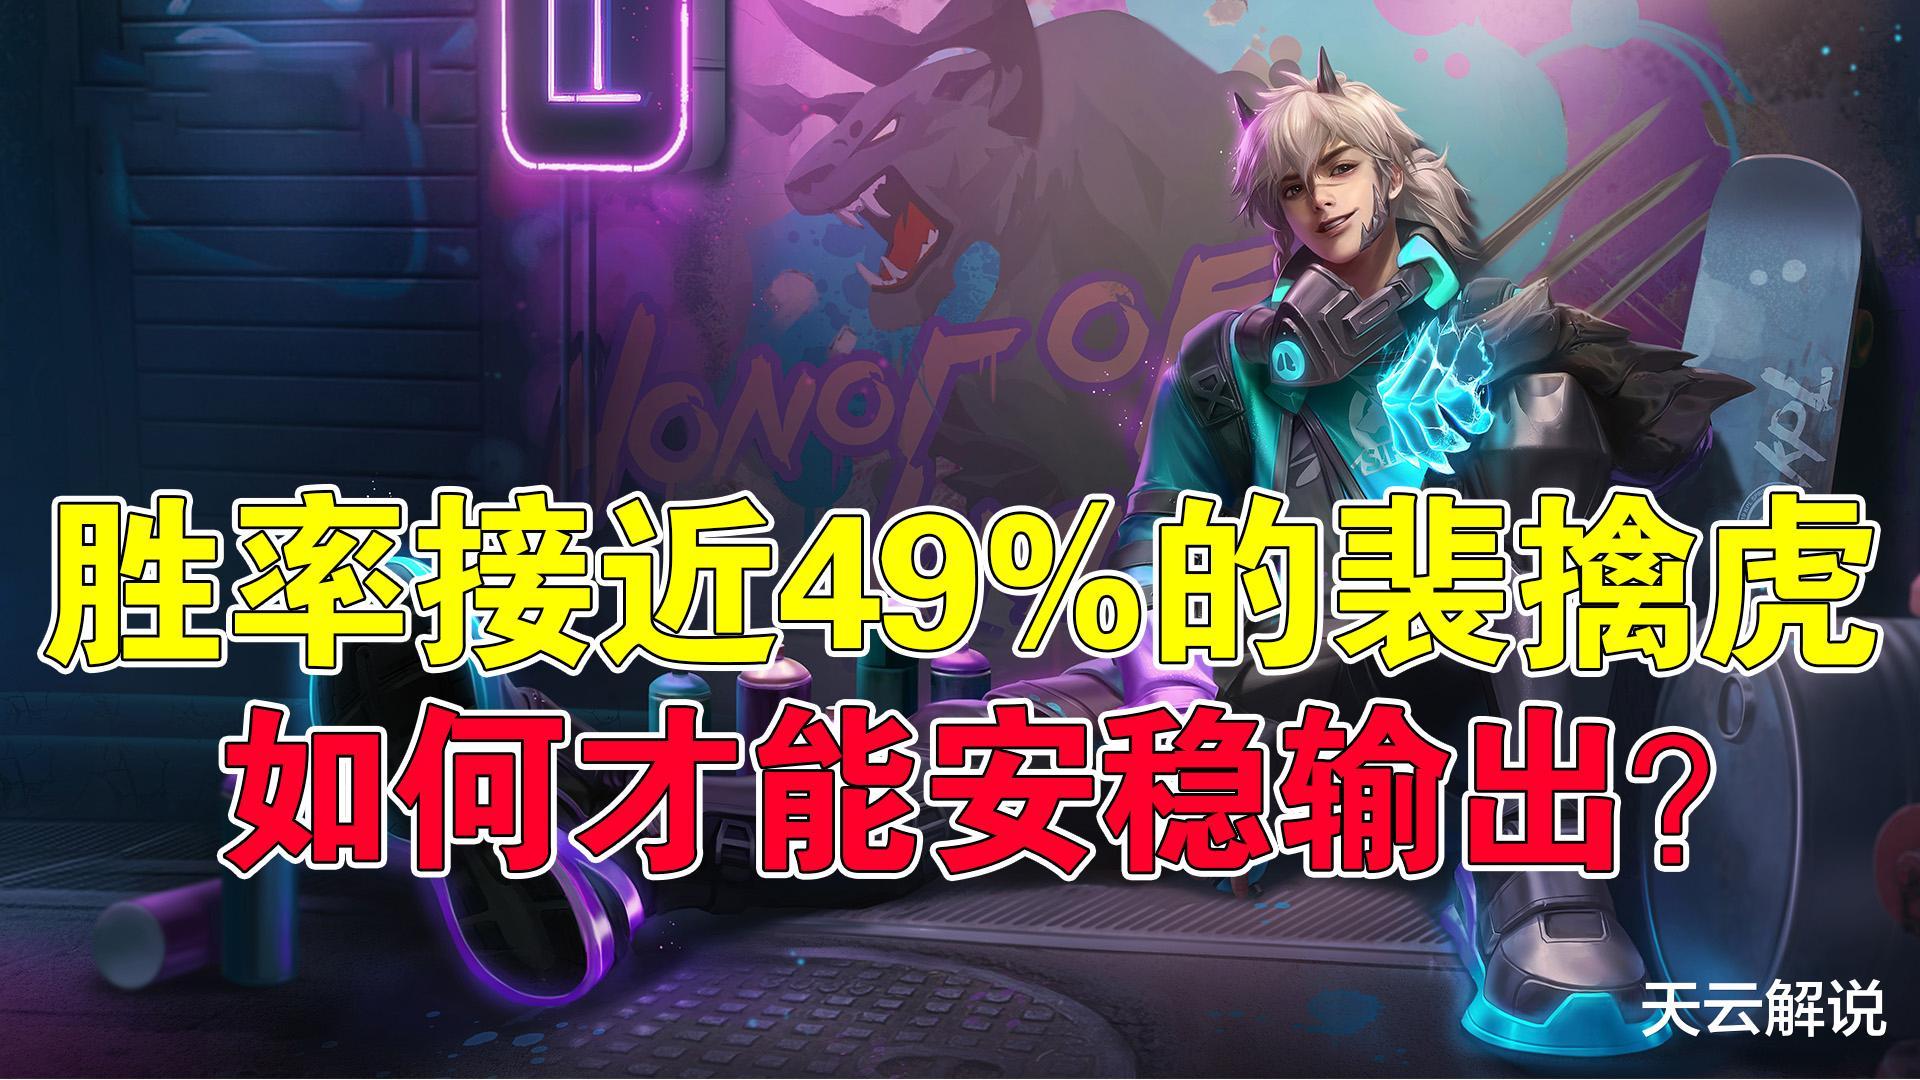 《【煜星娱乐测速登录】王者荣耀:胜率接近49%的裴擒虎,如何才能安稳输出?》